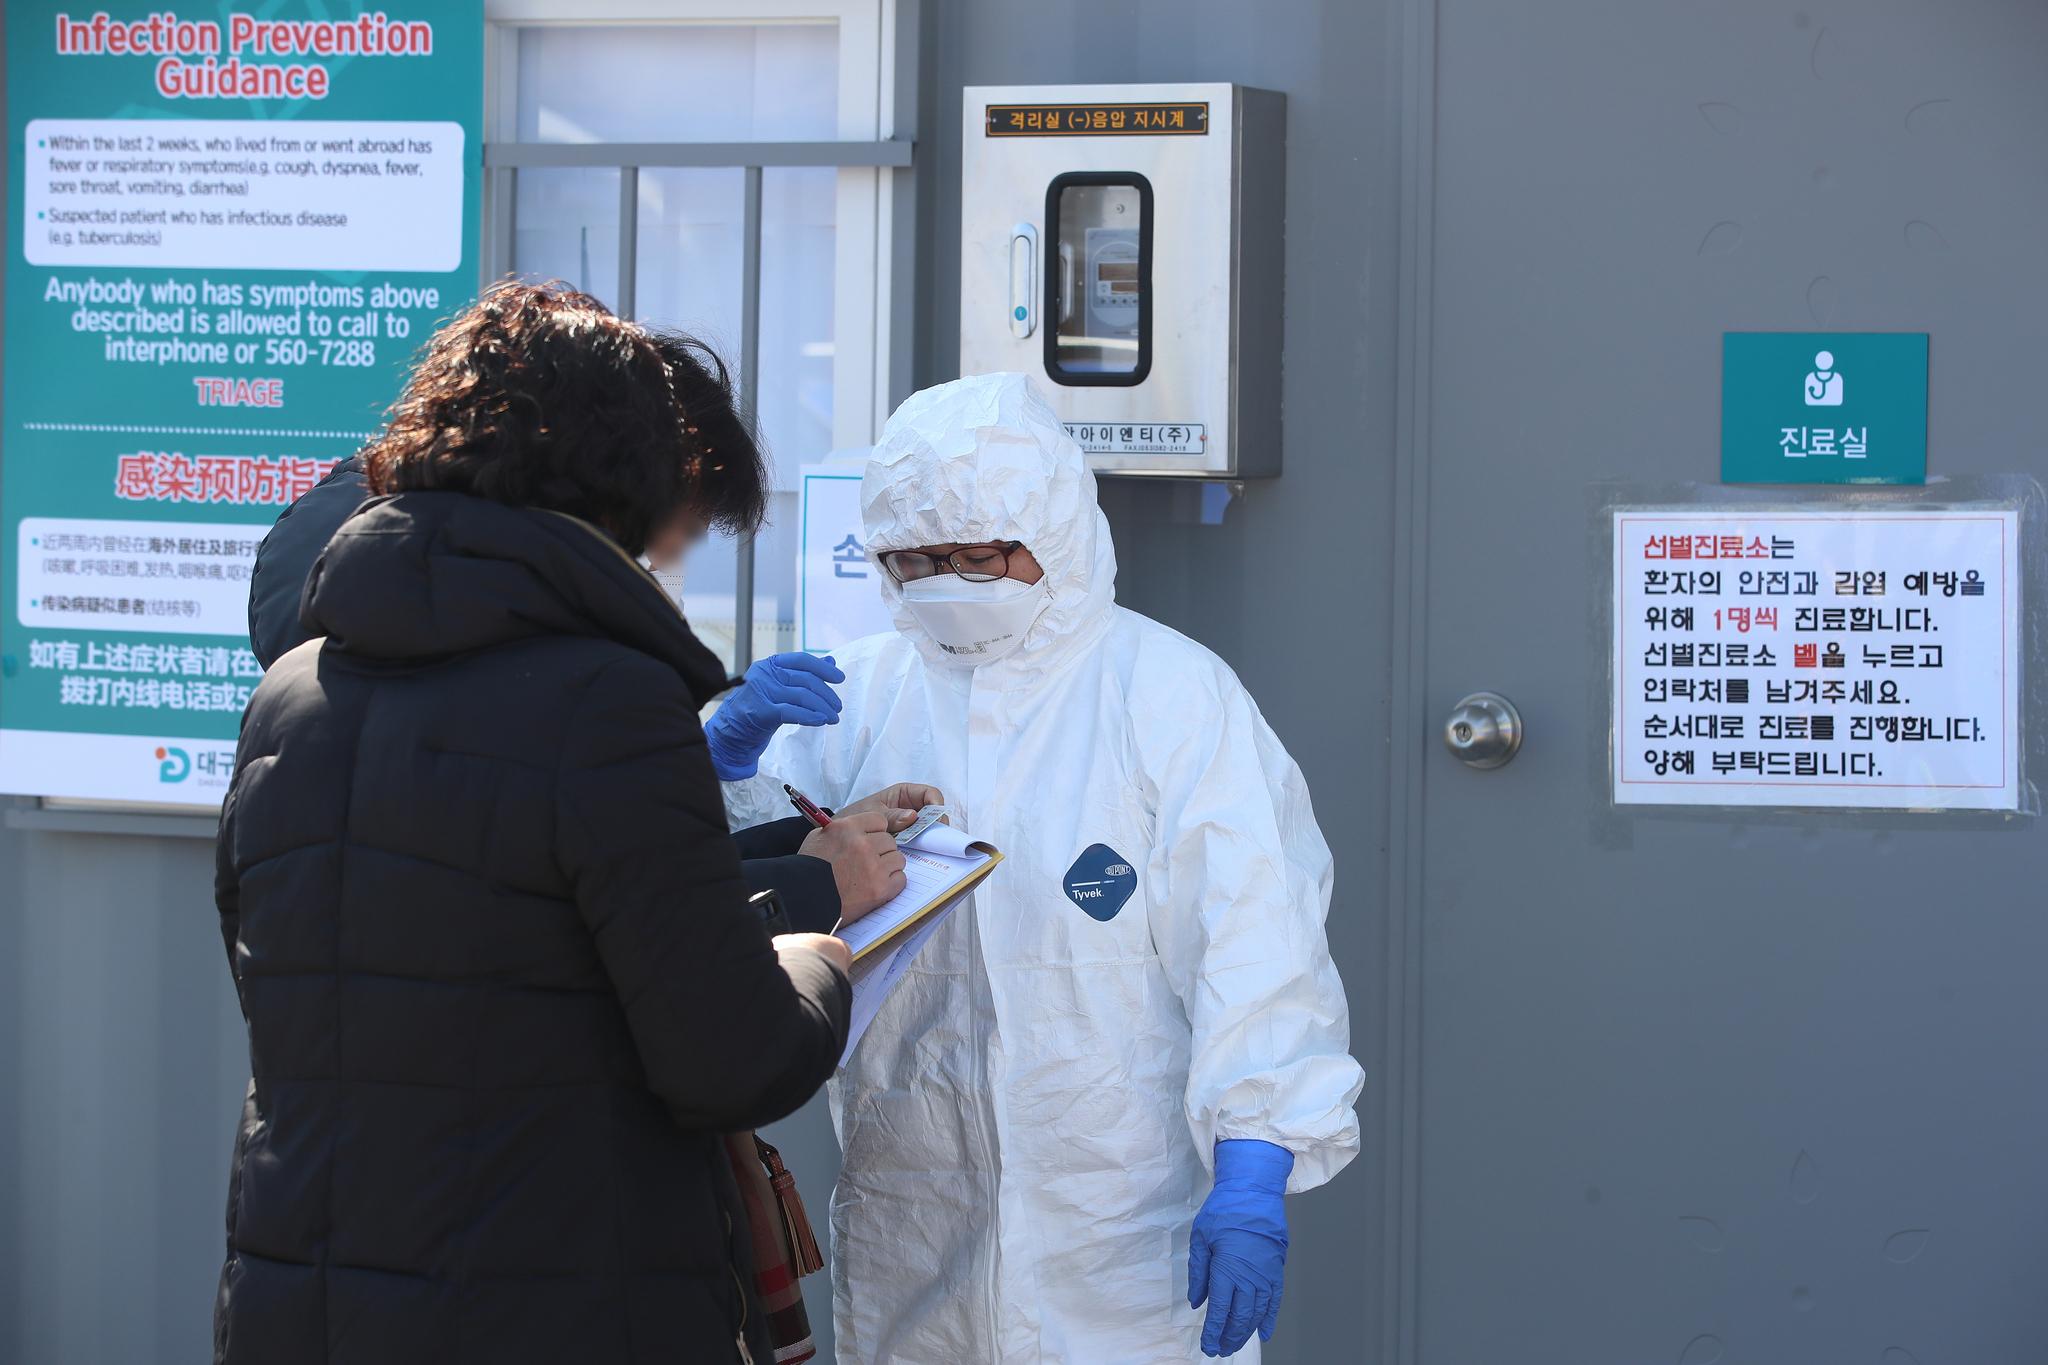 신종 코로나바이러스 감염증(코로나19) 확진자가 늘어나는 가운데 19일 대구 서구 중리동 대구의료원 선별진료소 앞에 의심 환자들이 신종 코로나 관련 검사를 받기 위해 줄지어 차례를 기다리고 있다. [뉴스1]